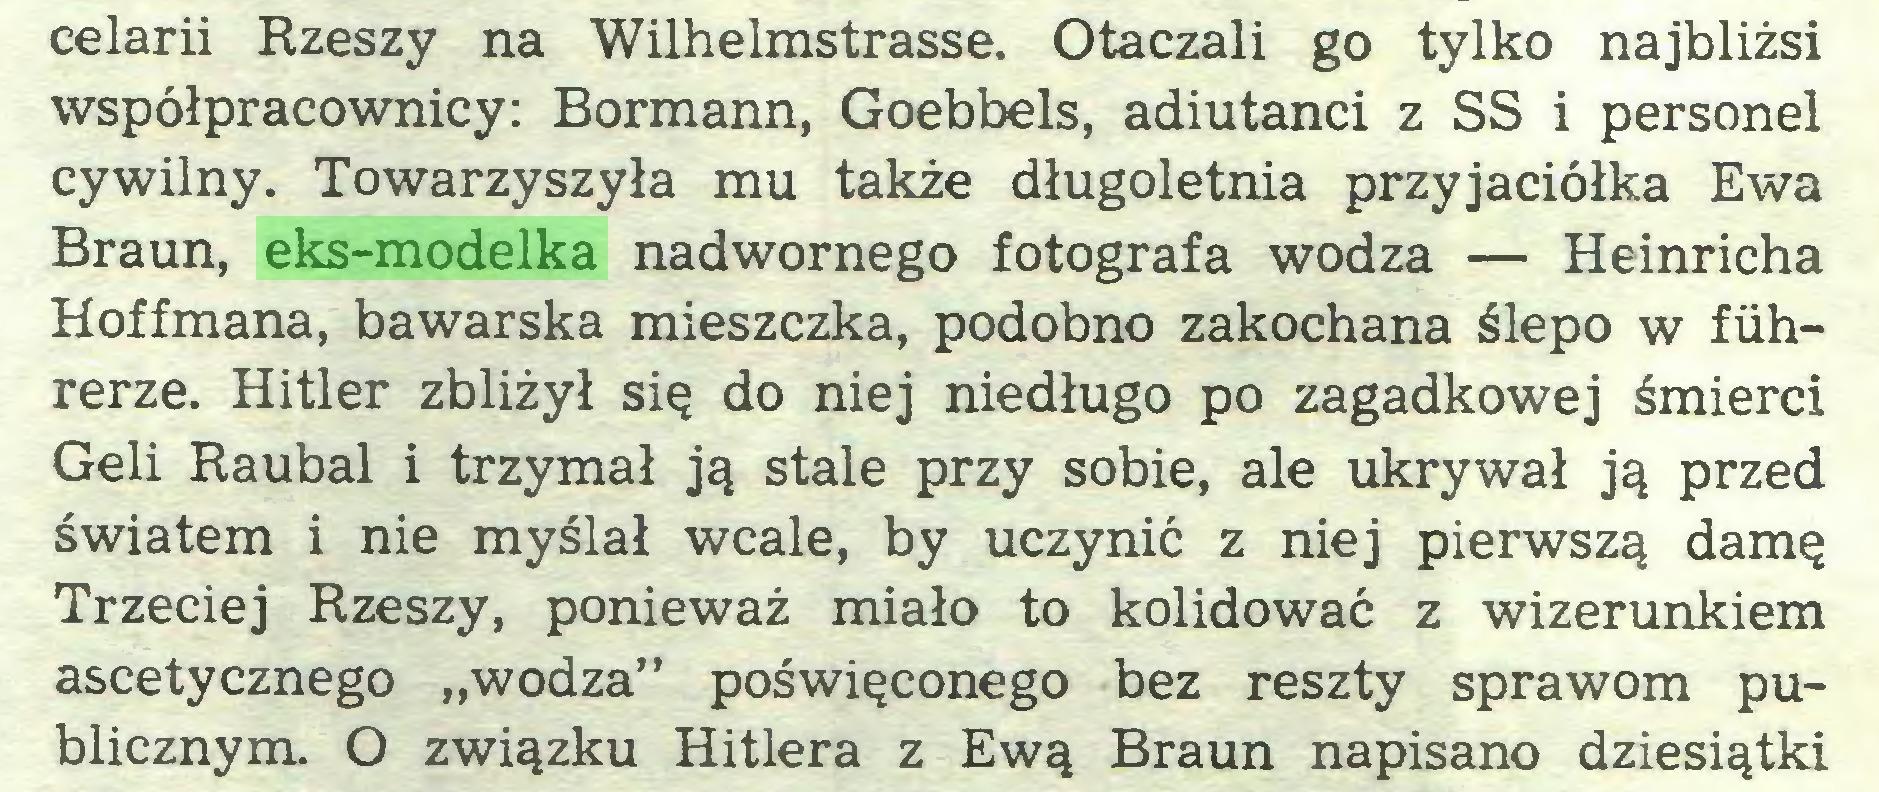 """(...) celarii Rzeszy na Wilhelmstrasse. Otaczali go tylko najbliżsi współpracownicy: Bormann, Goebbels, adiutanci z SS i personel cywilny. Towarzyszyła mu także długoletnia przyjaciółka Ewa Braun, eks-modelka nadwornego fotografa wodza — Heinricha Hoffmana, bawarska mieszczka, podobno zakochana ślepo w fiihrerze. Hitler zbliżył się do niej niedługo po zagadkowej śmierci Geli Raubal i trzymał ją stale przy sobie, ale ukrywał ją przed światem i nie myślał wcale, by uczynić z niej pierwszą damę Trzeciej Rzeszy, ponieważ miało to kolidować z wizerunkiem ascetycznego """"wodza"""" poświęconego bez reszty sprawom publicznym. O związku Hitlera z Ewą Braun napisano dziesiątki..."""